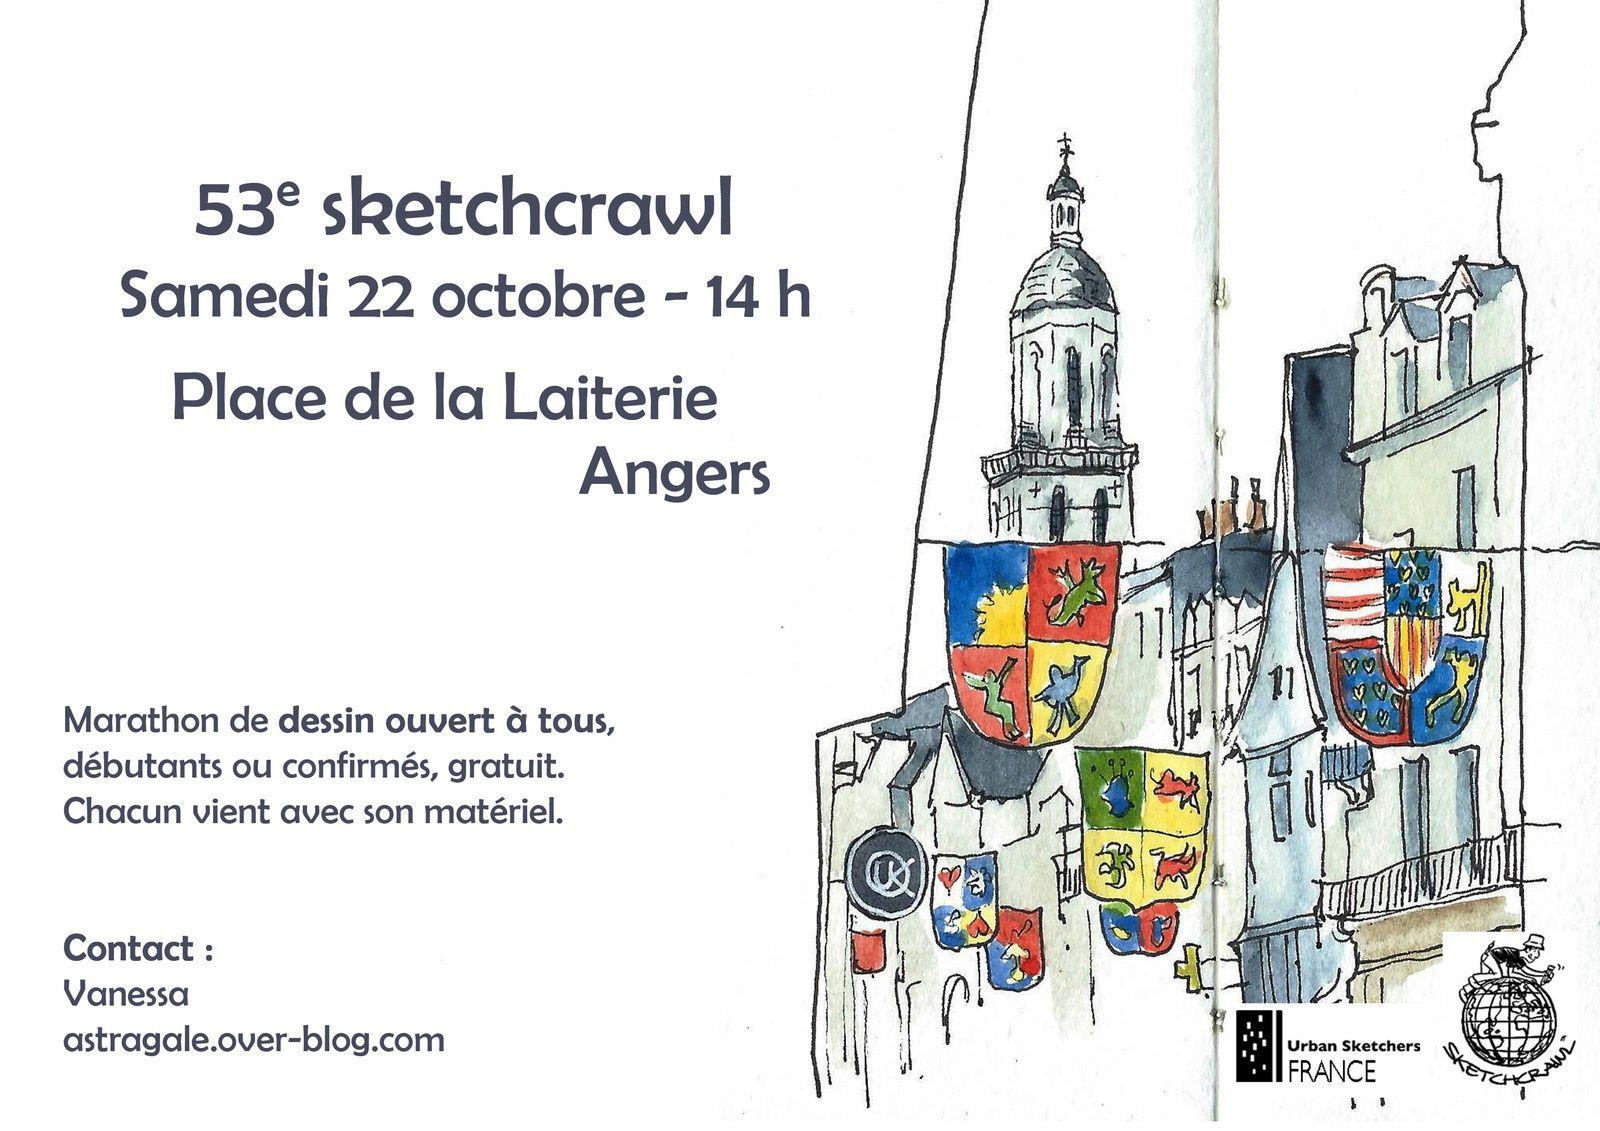 53e sketchcrawl - Place de la Laiterie